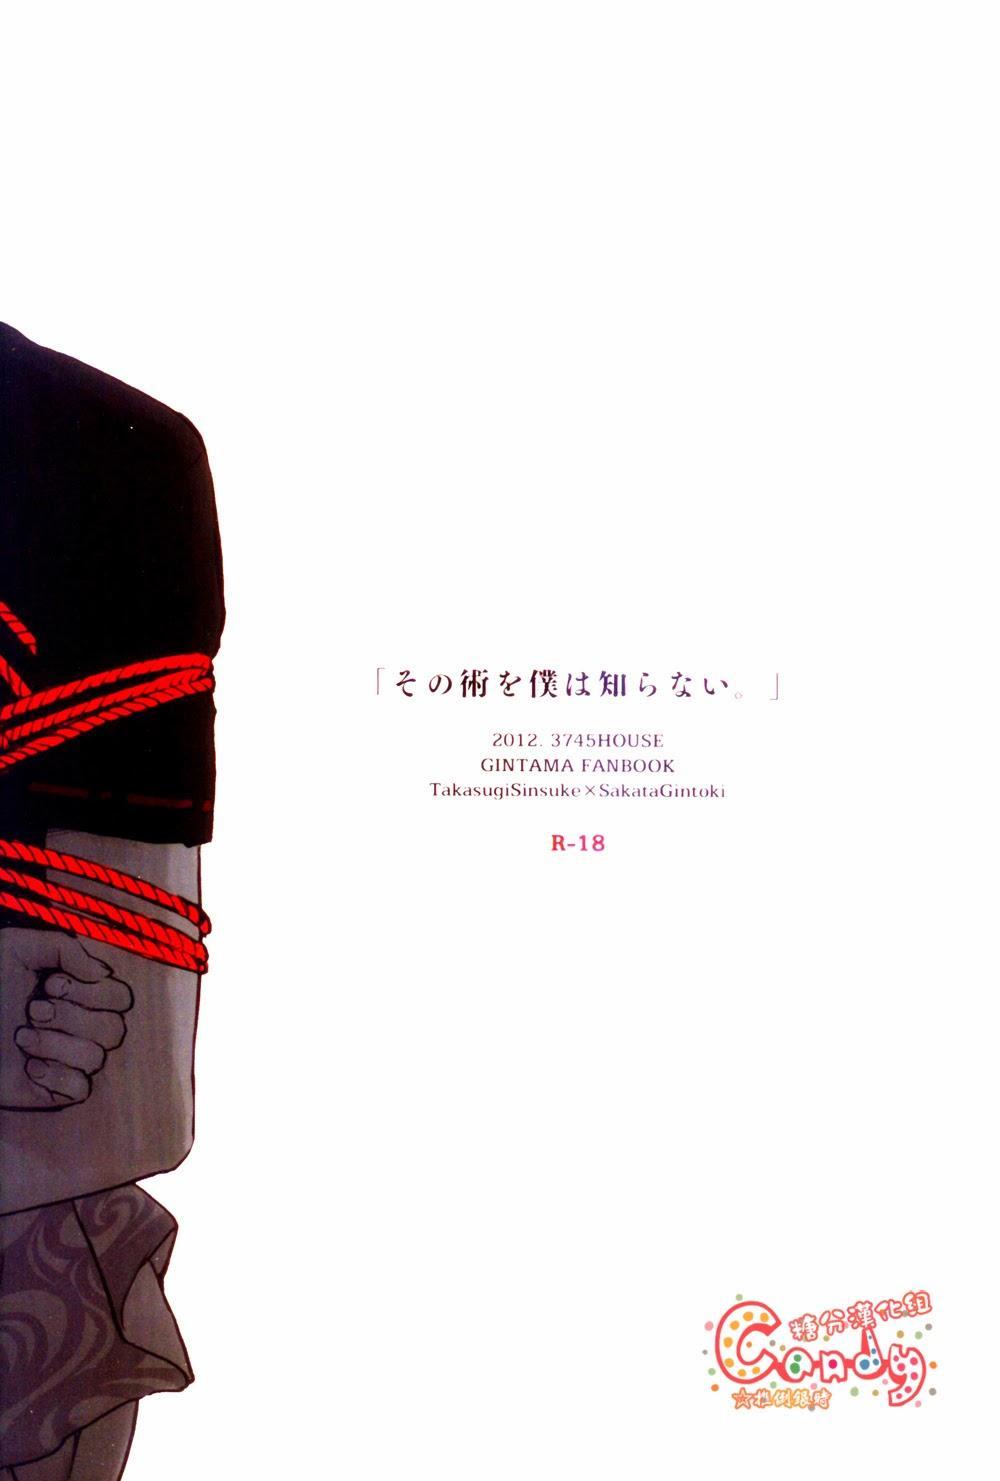 Sono Sube wo Boku wa Shiranai 25